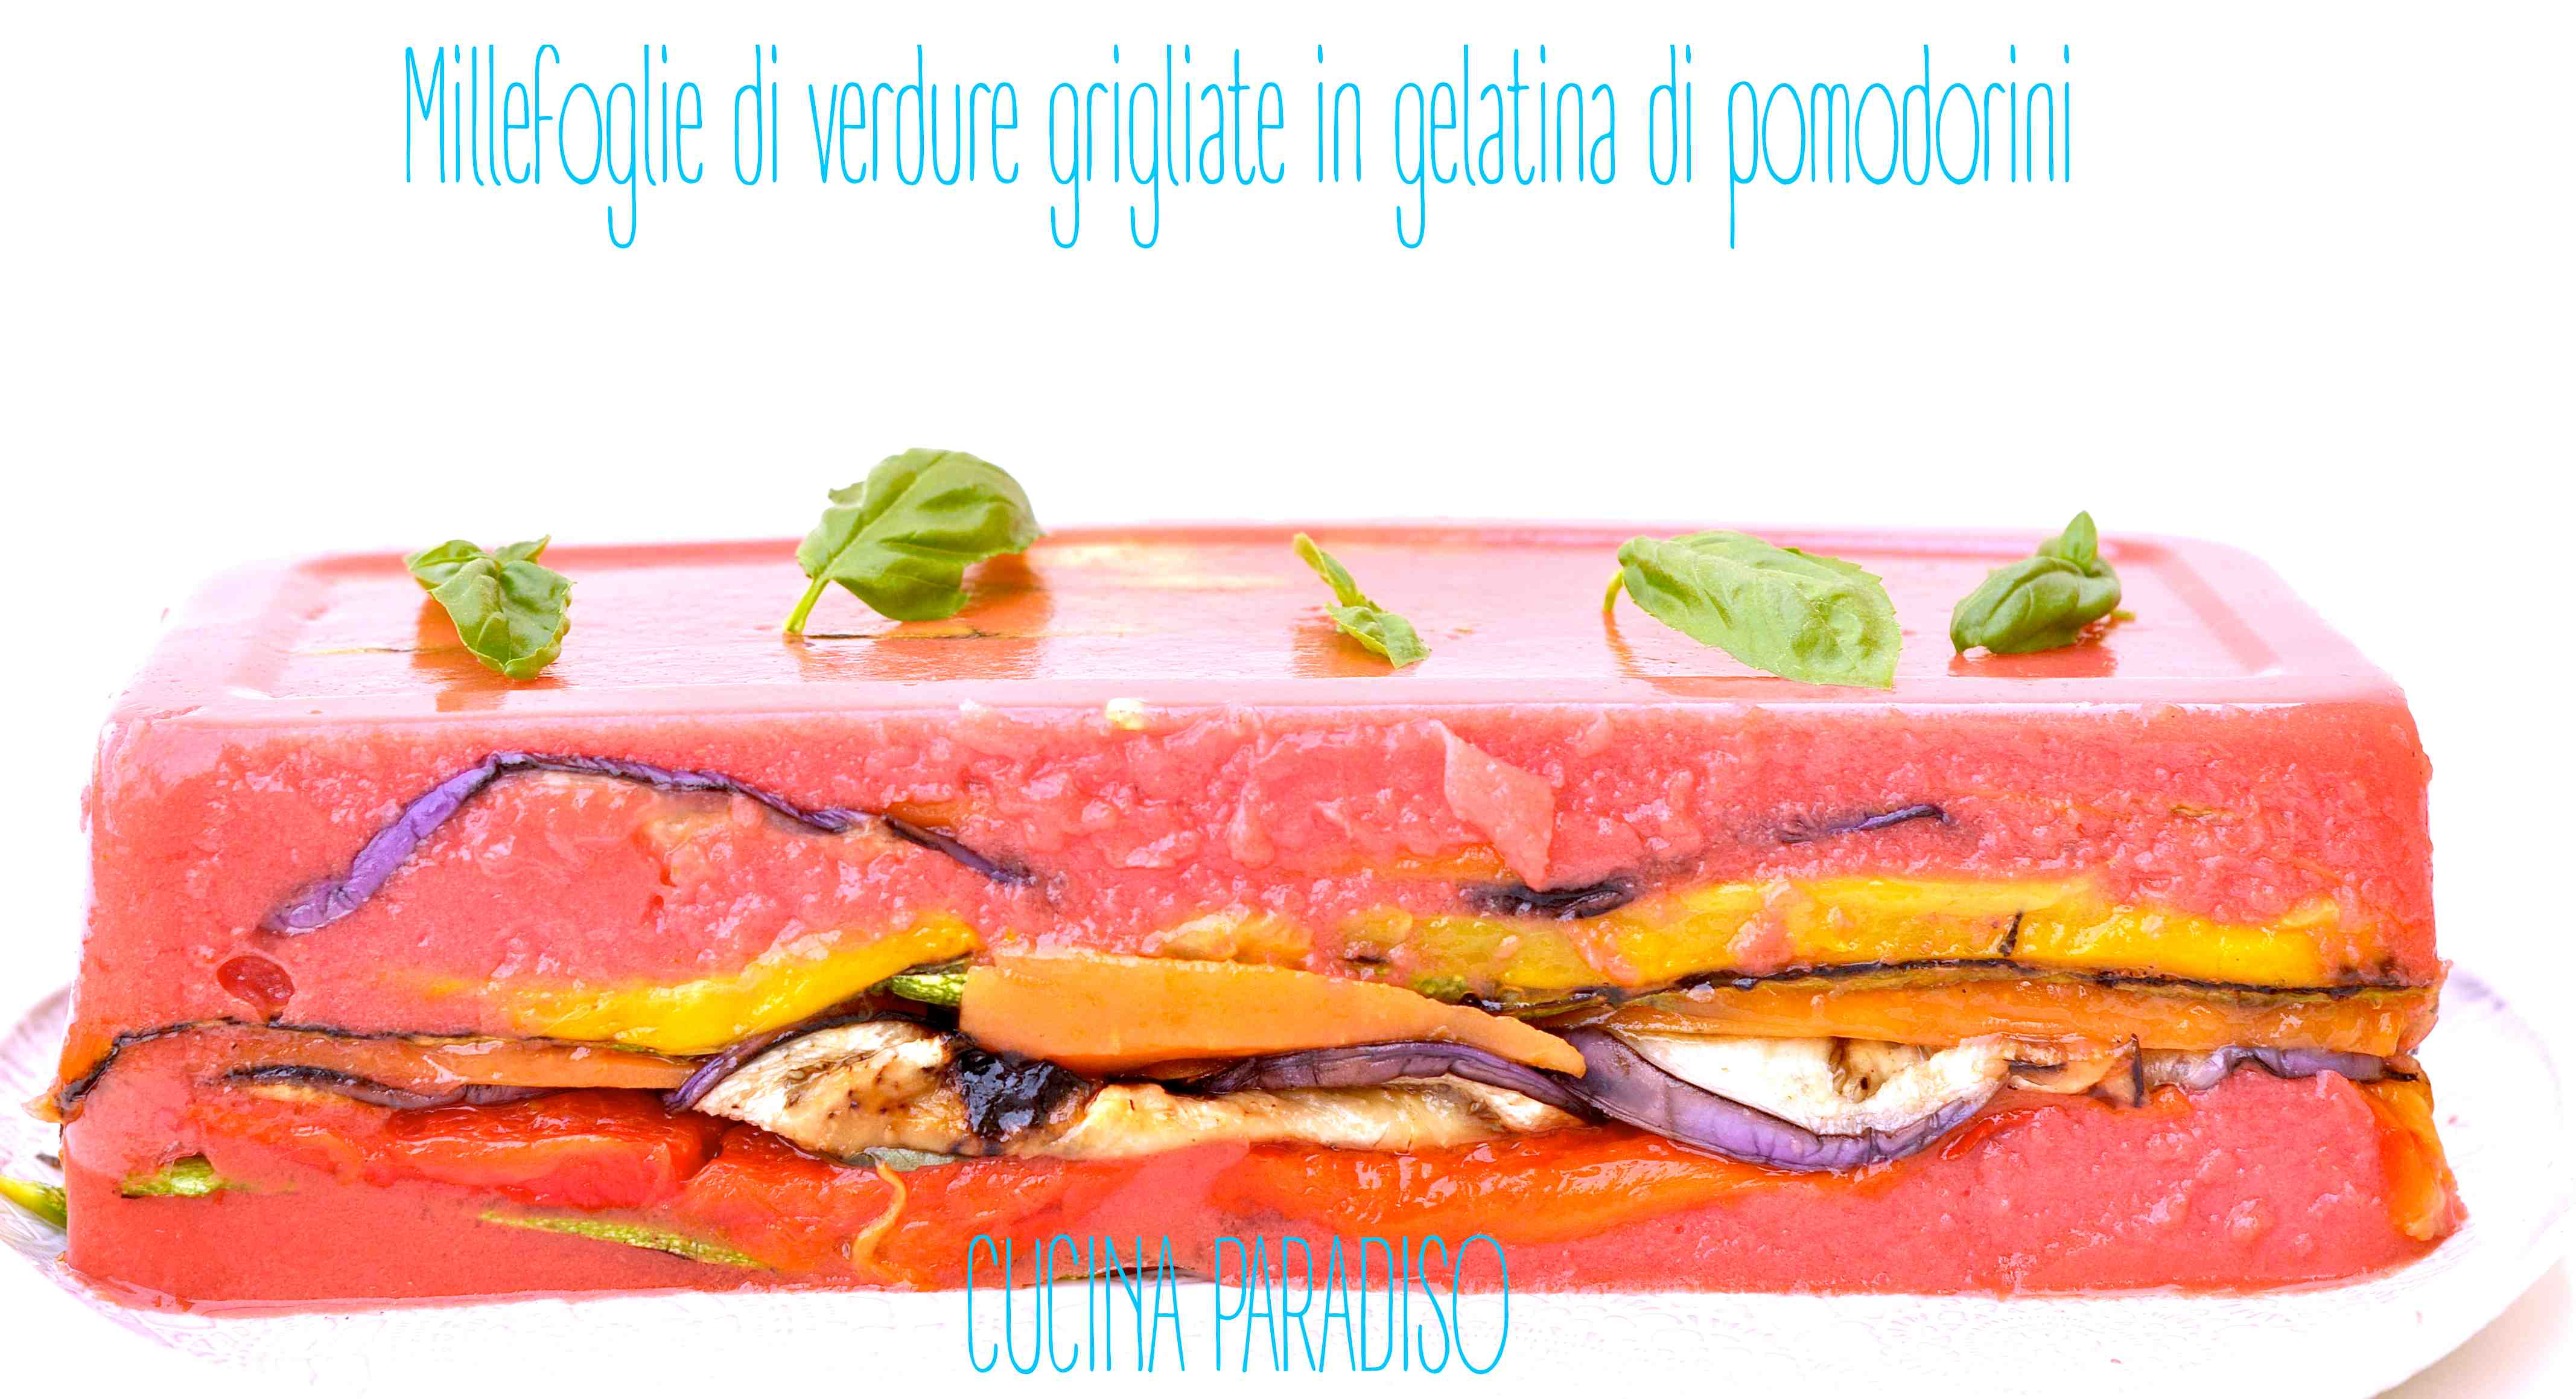 Millefoglie di verdure grigliate in gelatina di pomodorini3